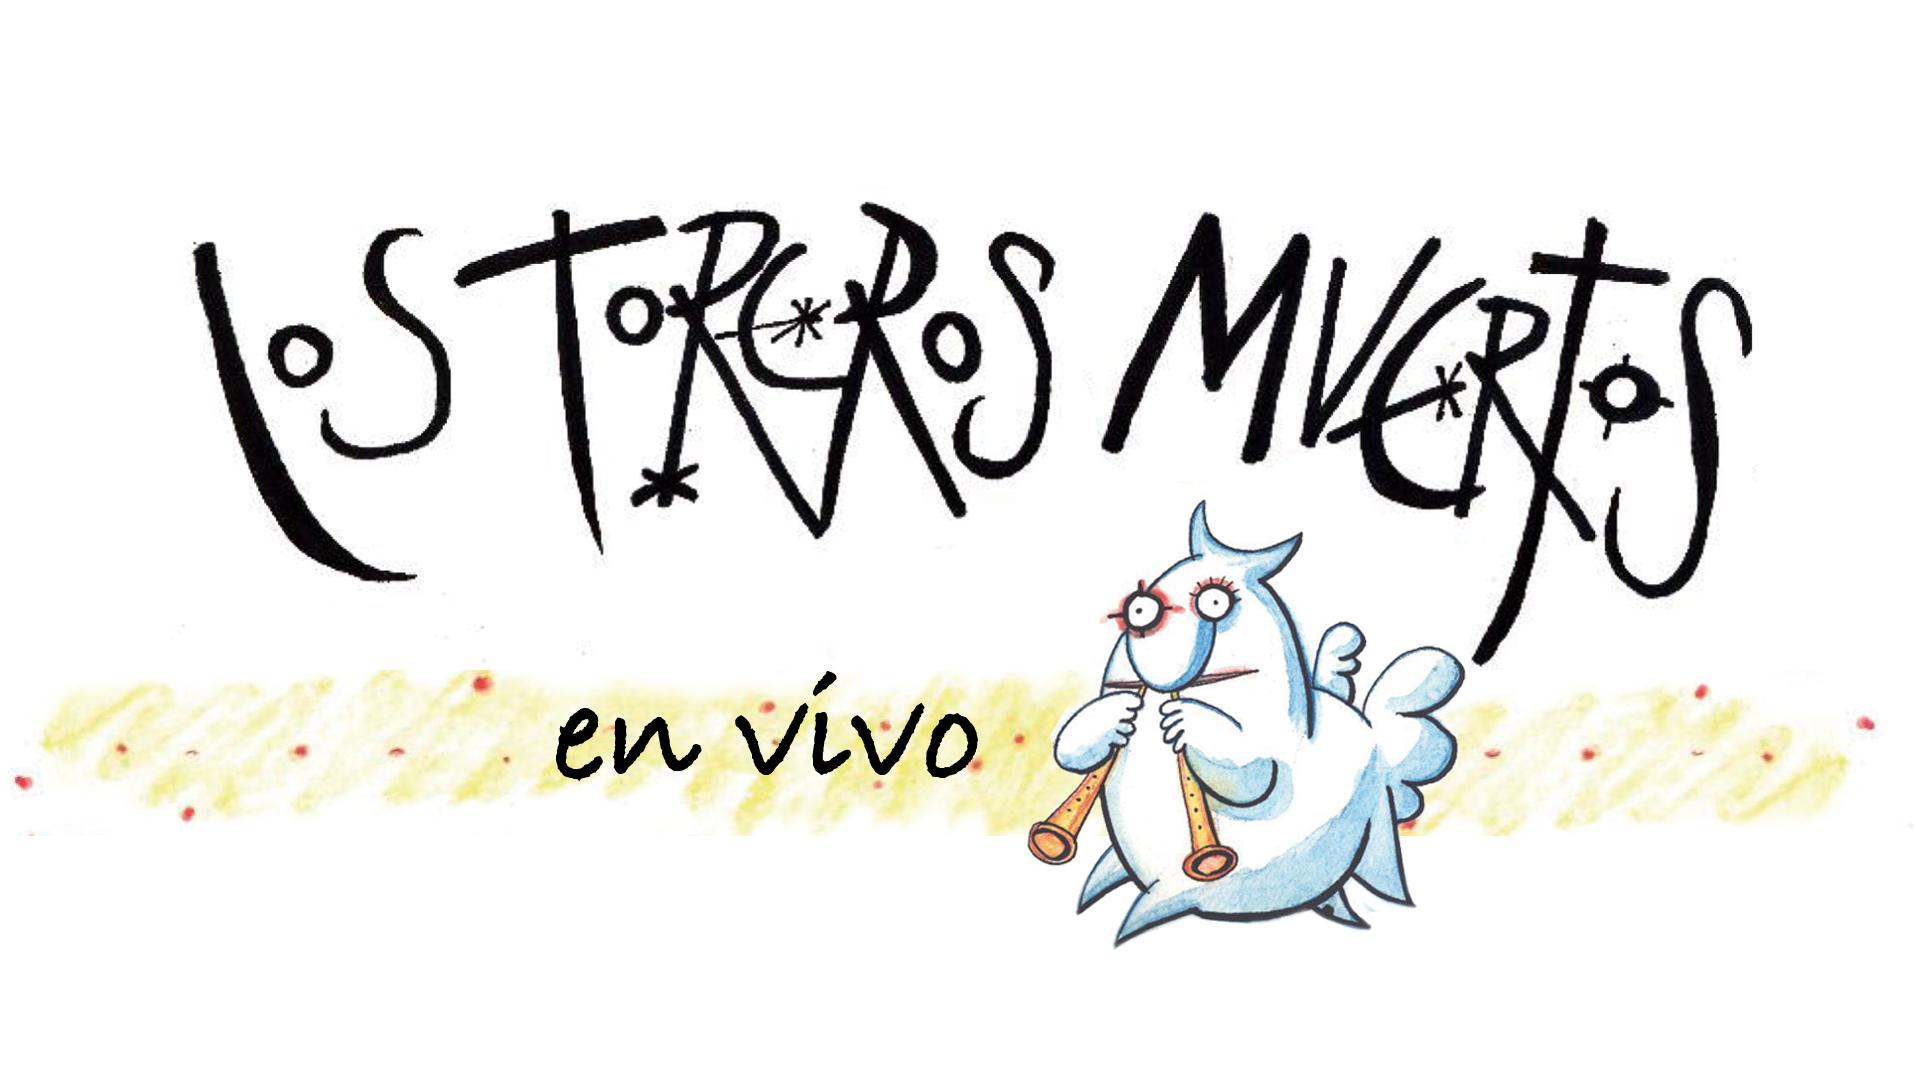 LosTorerosMuertos Still Portada